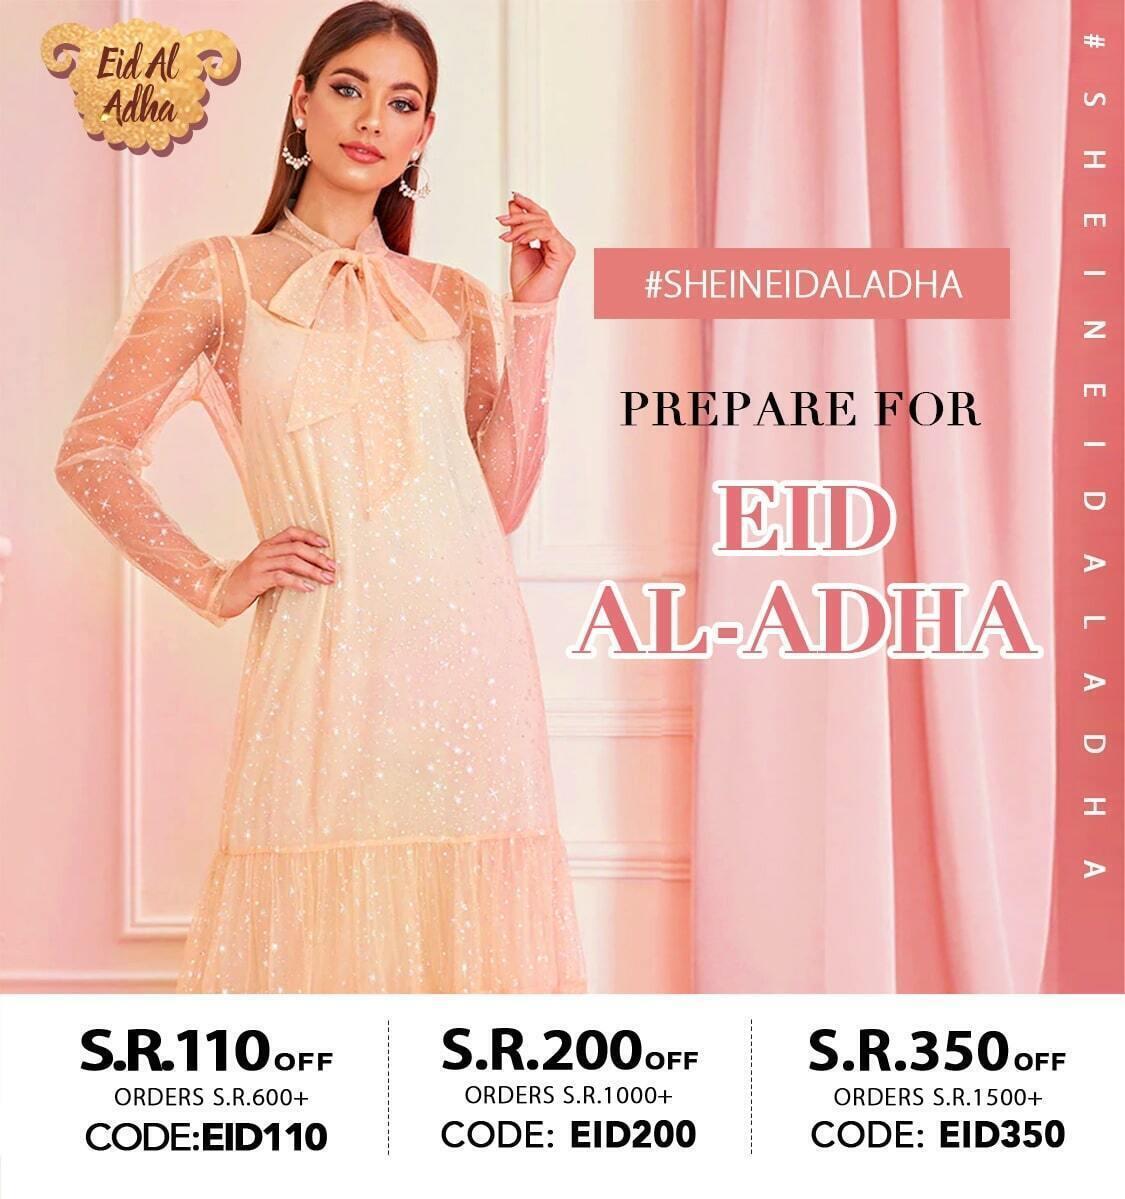 f2262caba29 SHEIN | Women's Fashion Online Shopping | Shop Dresses, Shoes & Bags